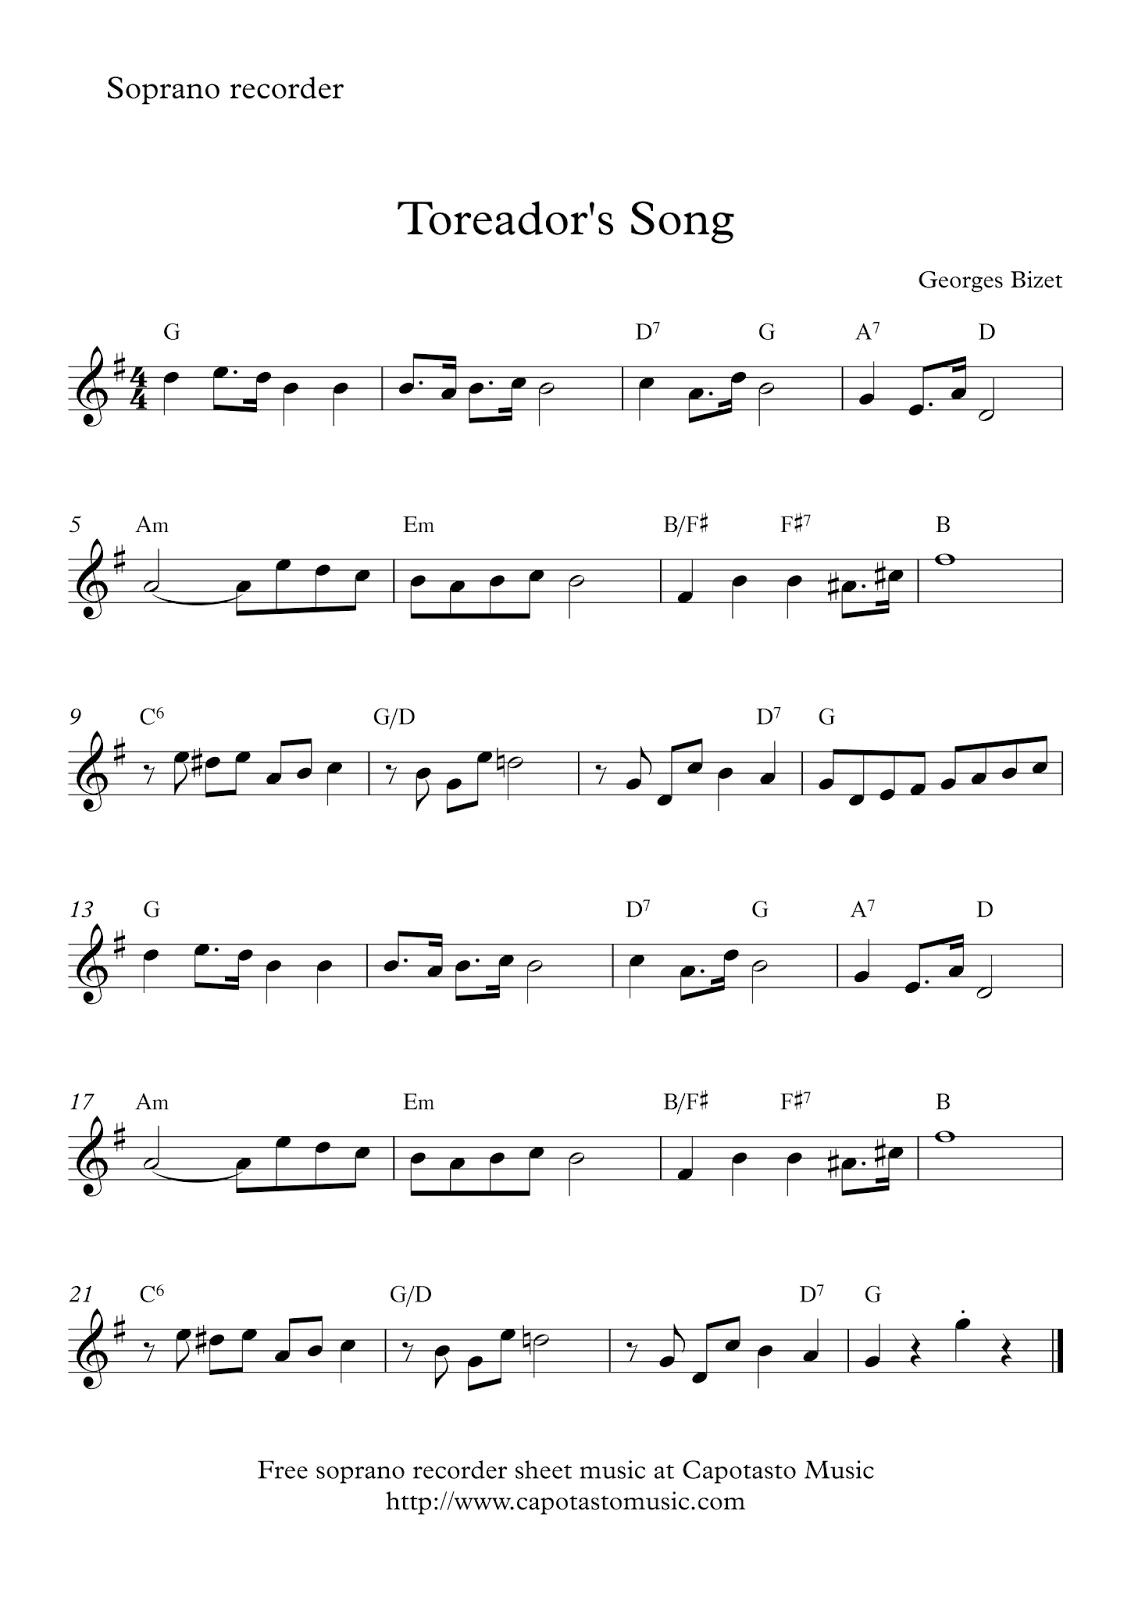 Toreador's Song | Free Easy Soprano Recorder Sheet Music - Free Printable Recorder Sheet Music For Beginners